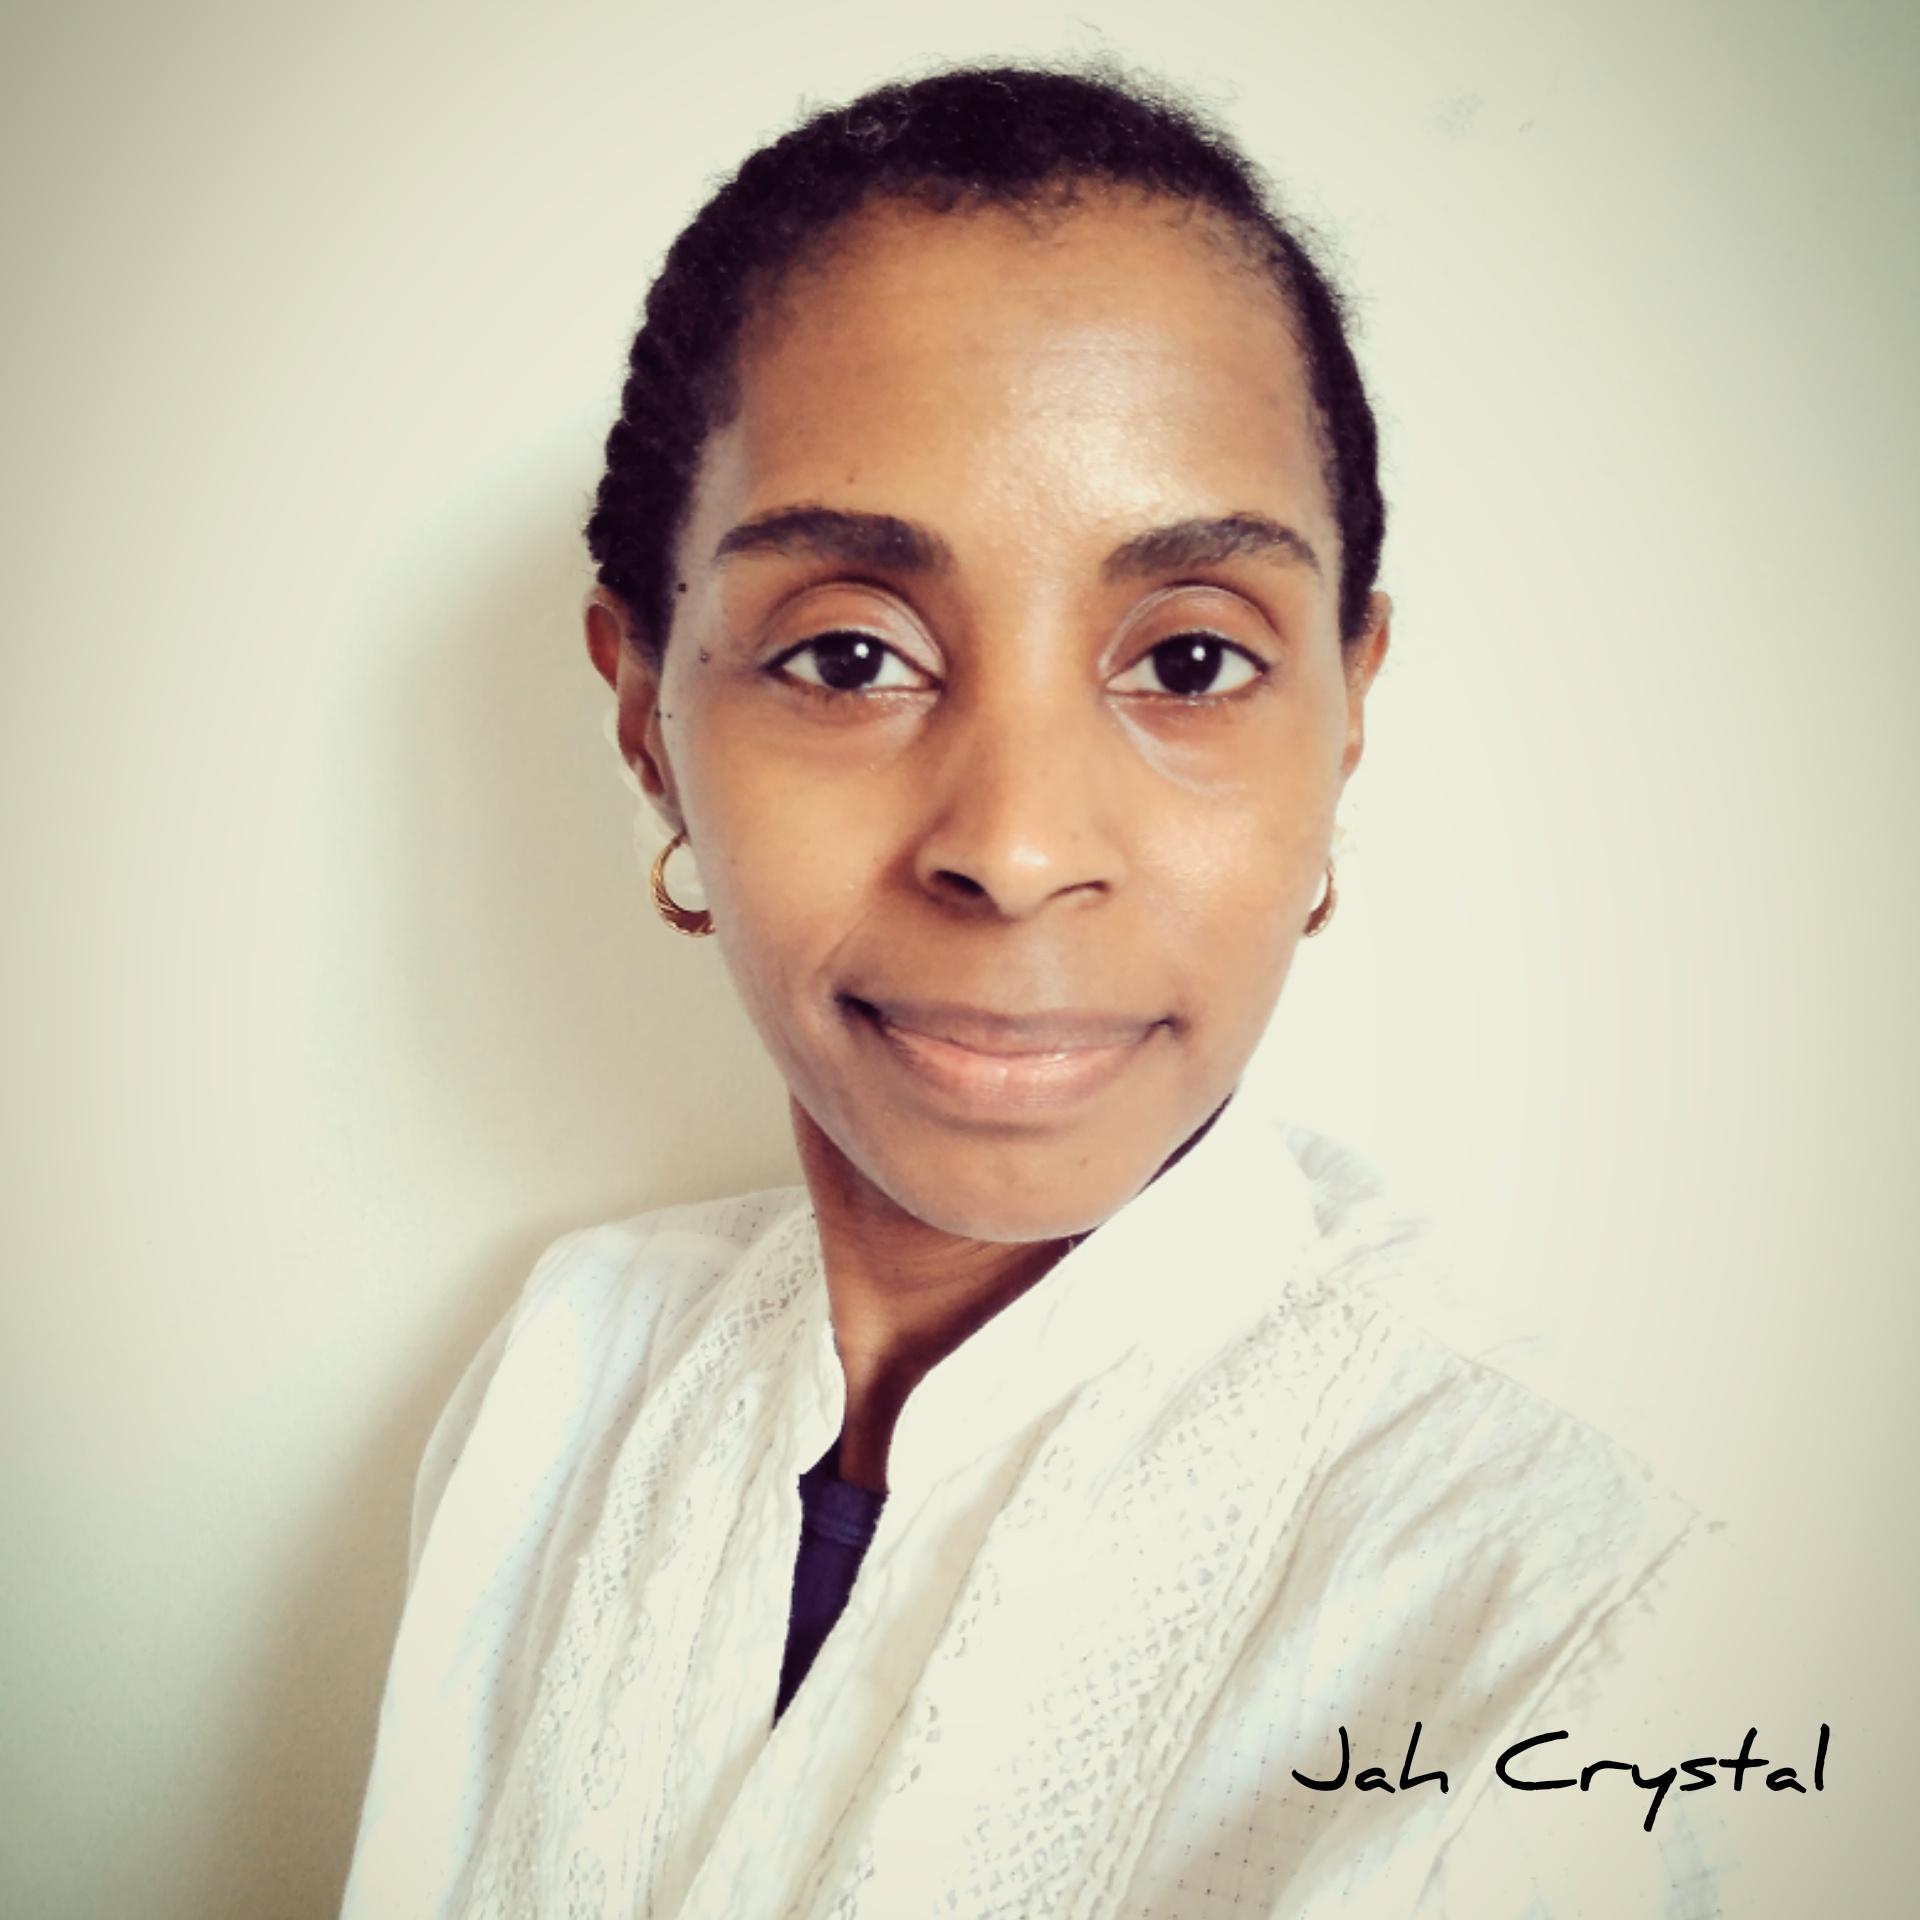 Jah Crystal